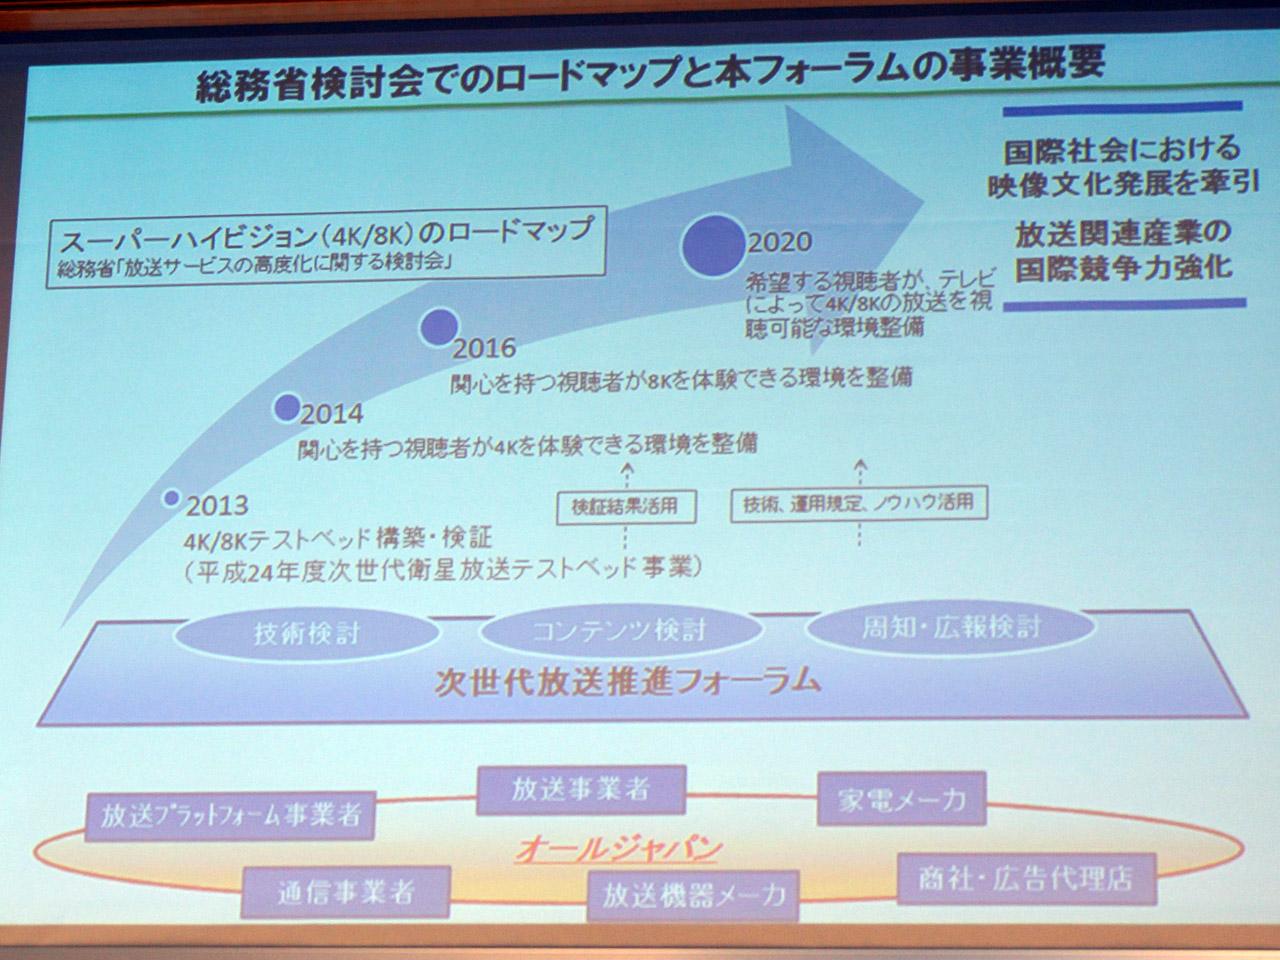 ロードマップとNexTV-Fの事業概要